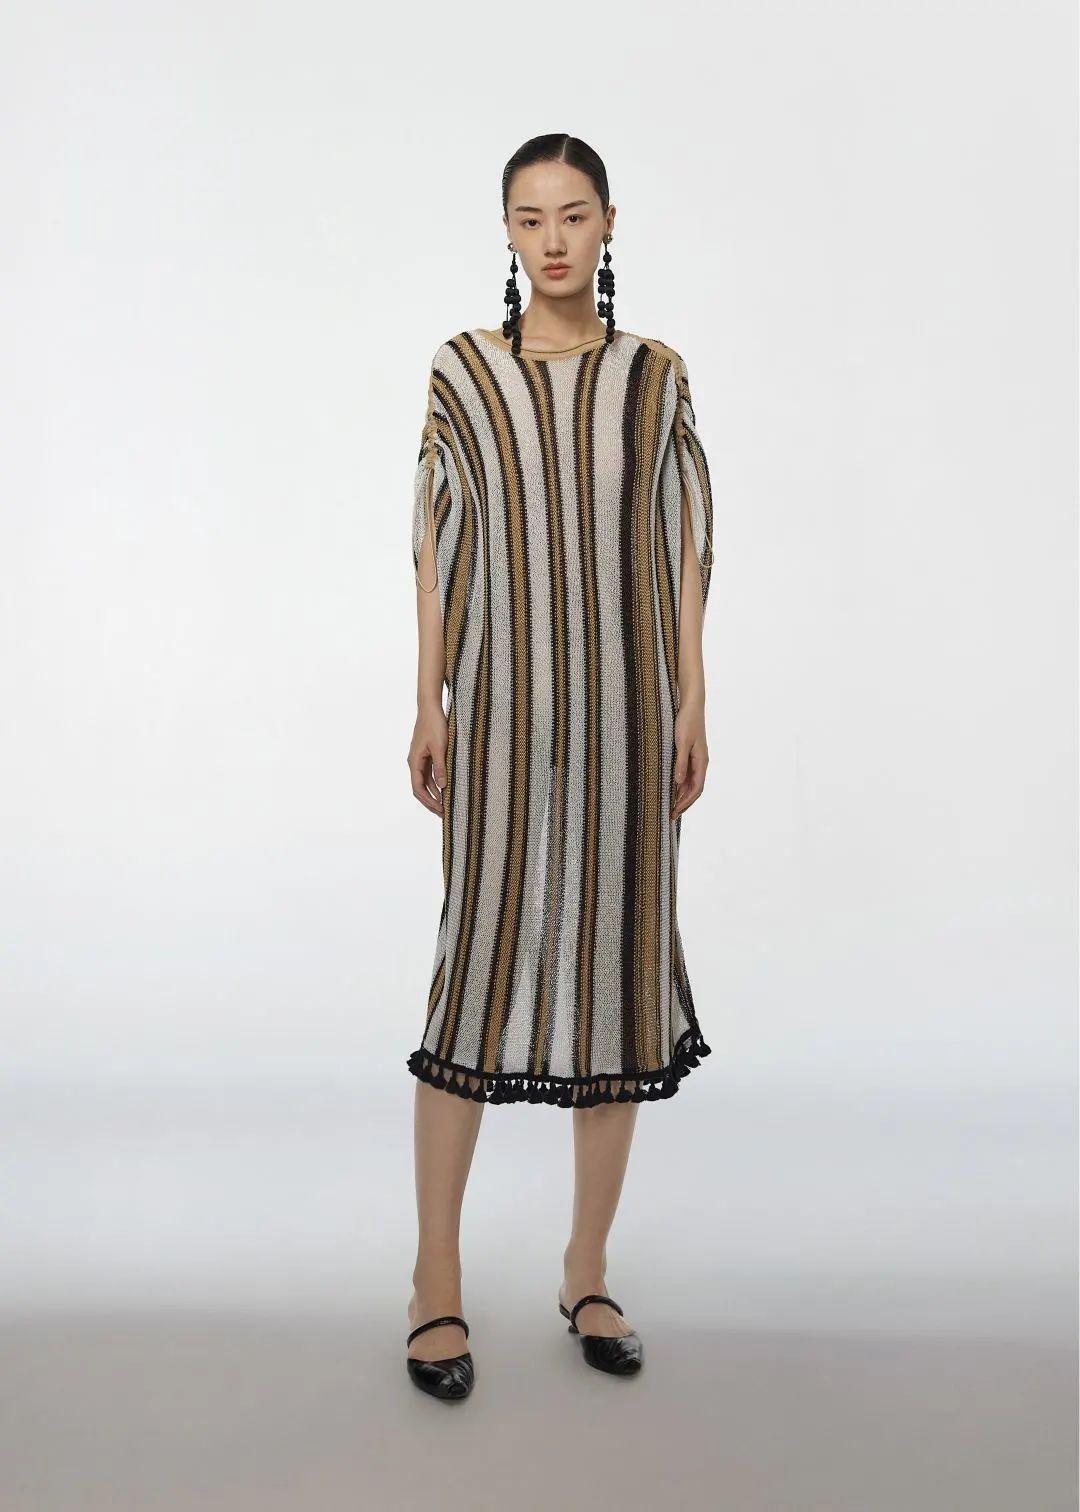 模特吕佳纳演绎Light knitting广告